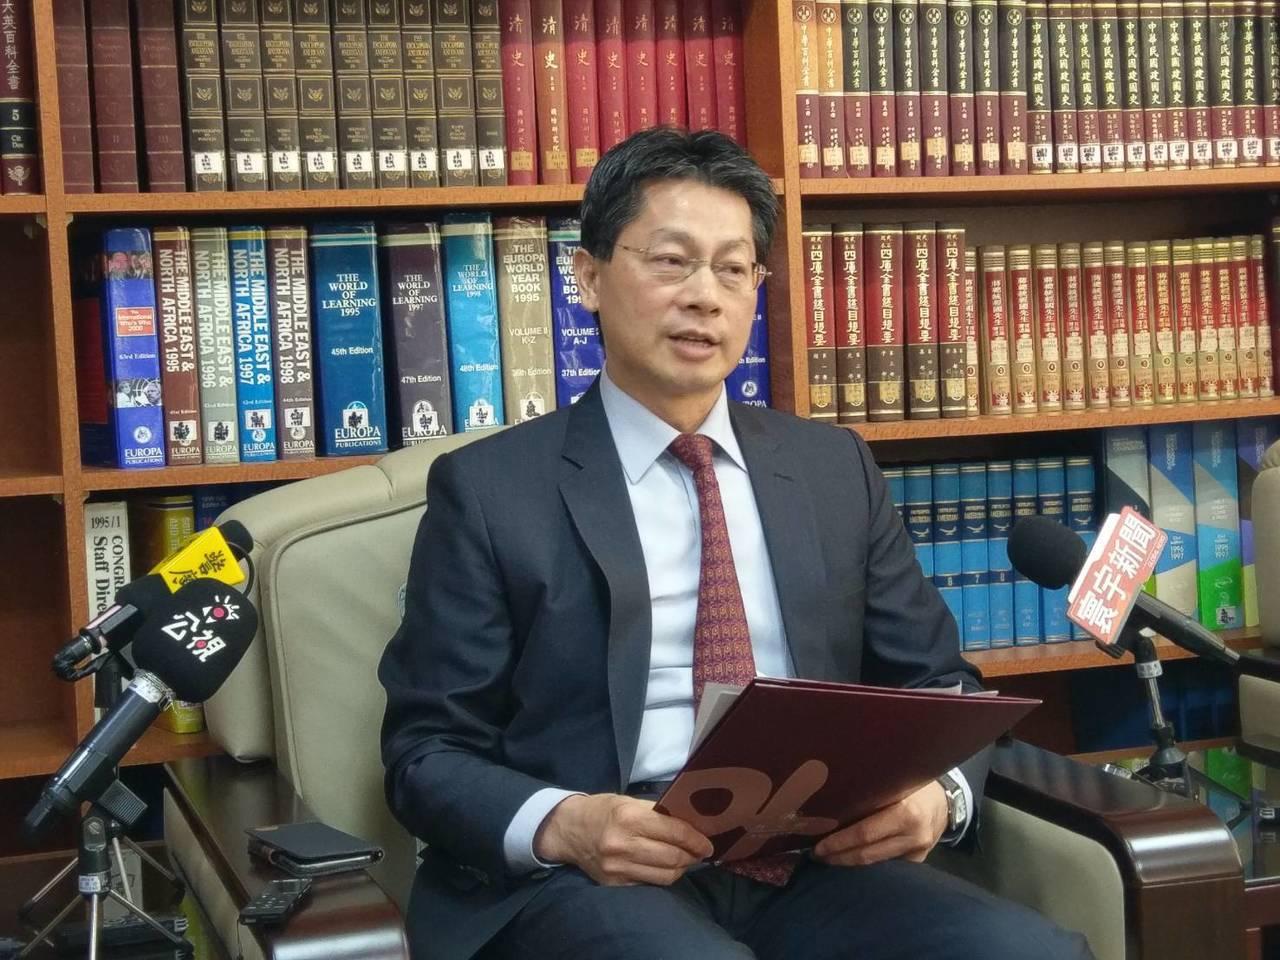 Đài Loan đã bắt giữ 14 du khách Việt, trong đó một số nữ du khách tự ra trình diện do lo sợ - Ảnh 5.